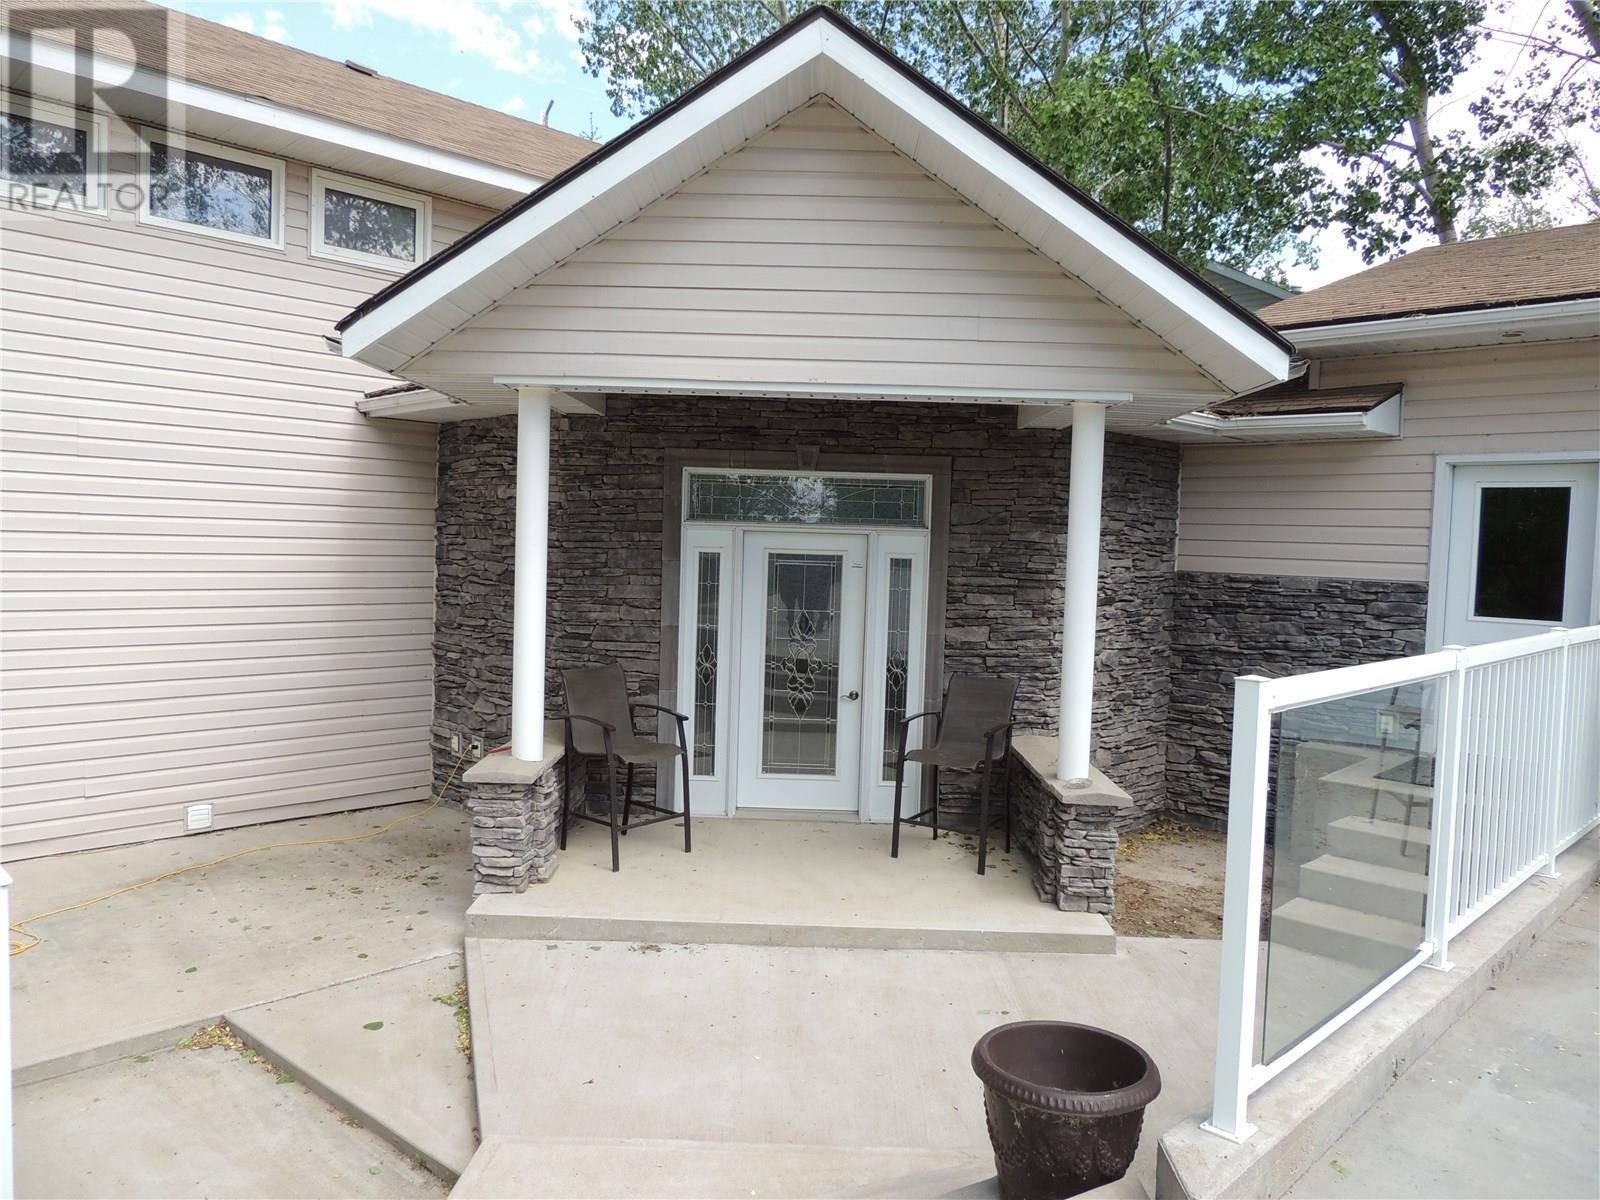 House for sale at 115 Sunset Dr Estevan Rm No. 5 Saskatchewan - MLS: SK771274